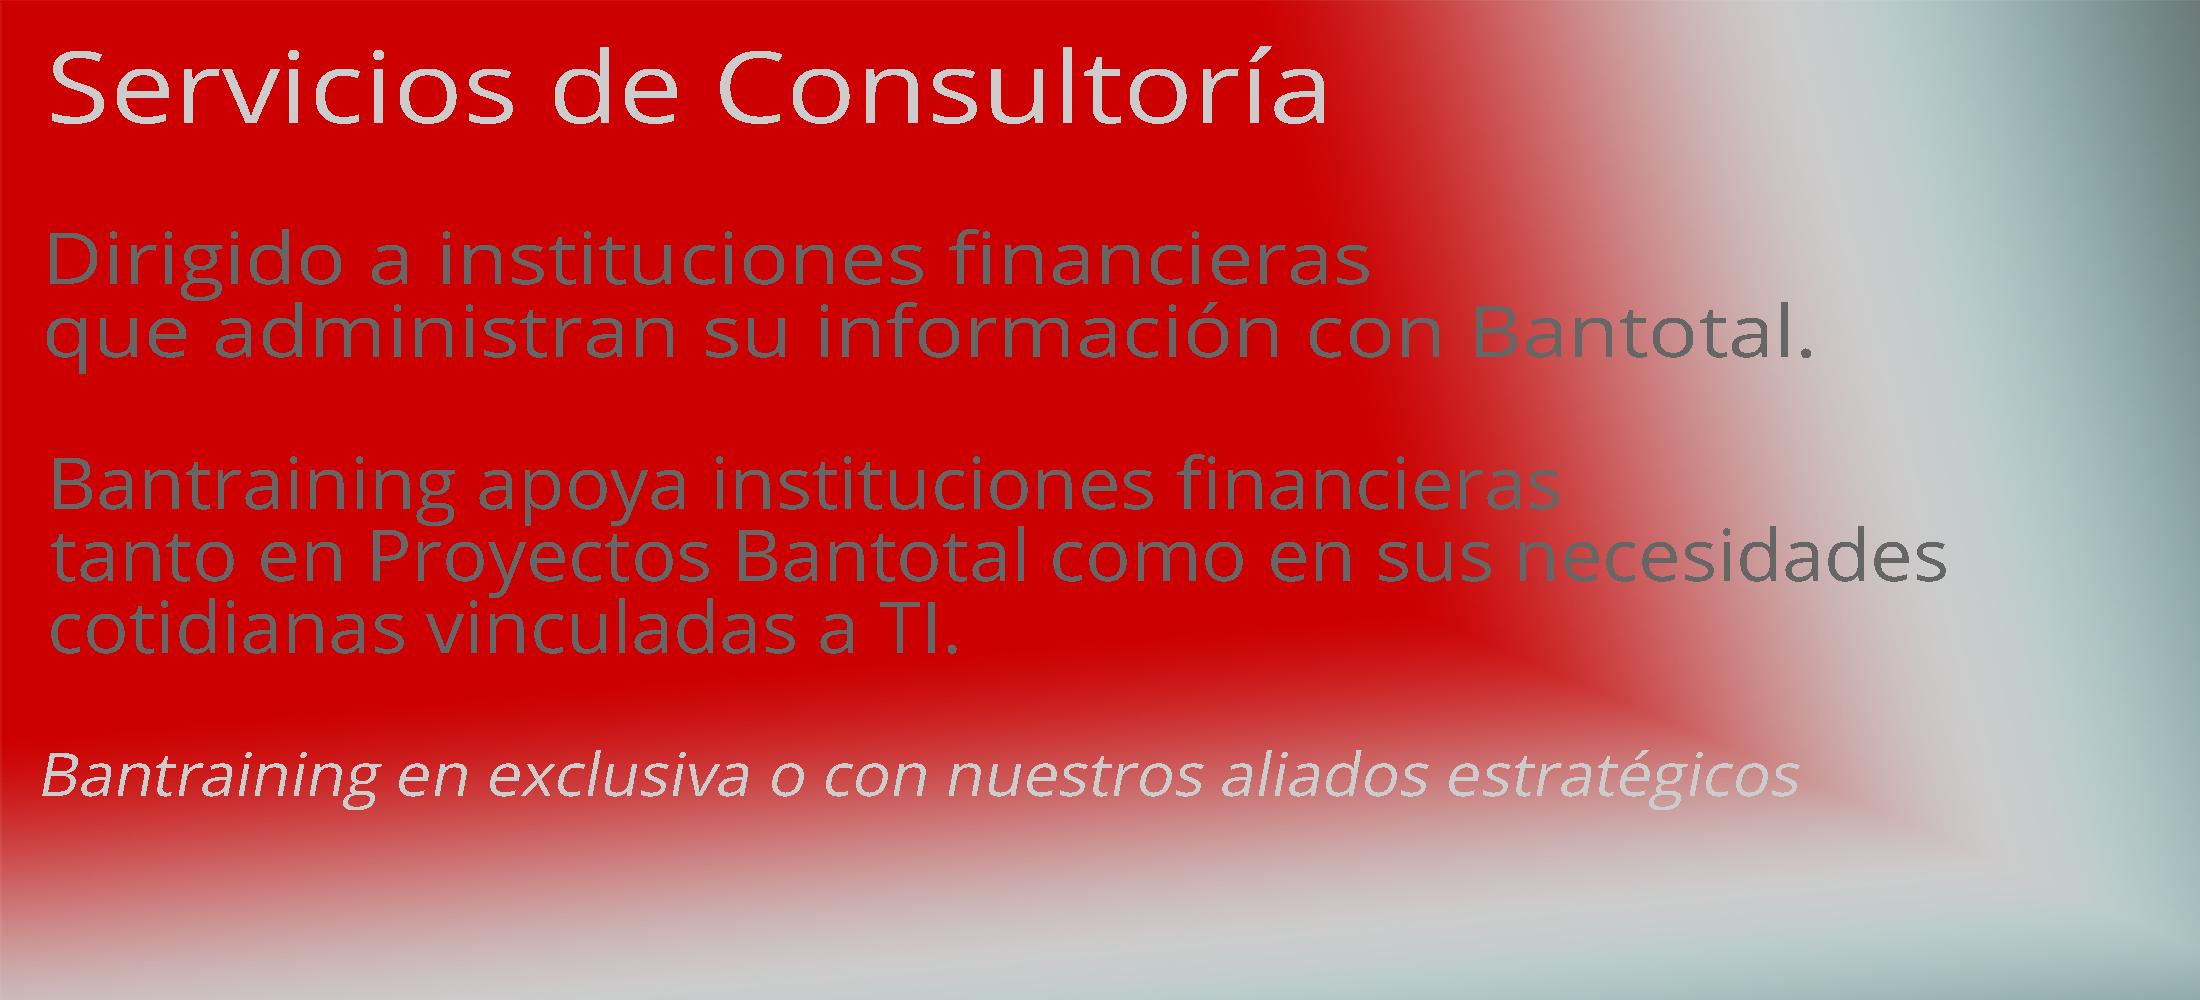 Servicios de consultoria cel